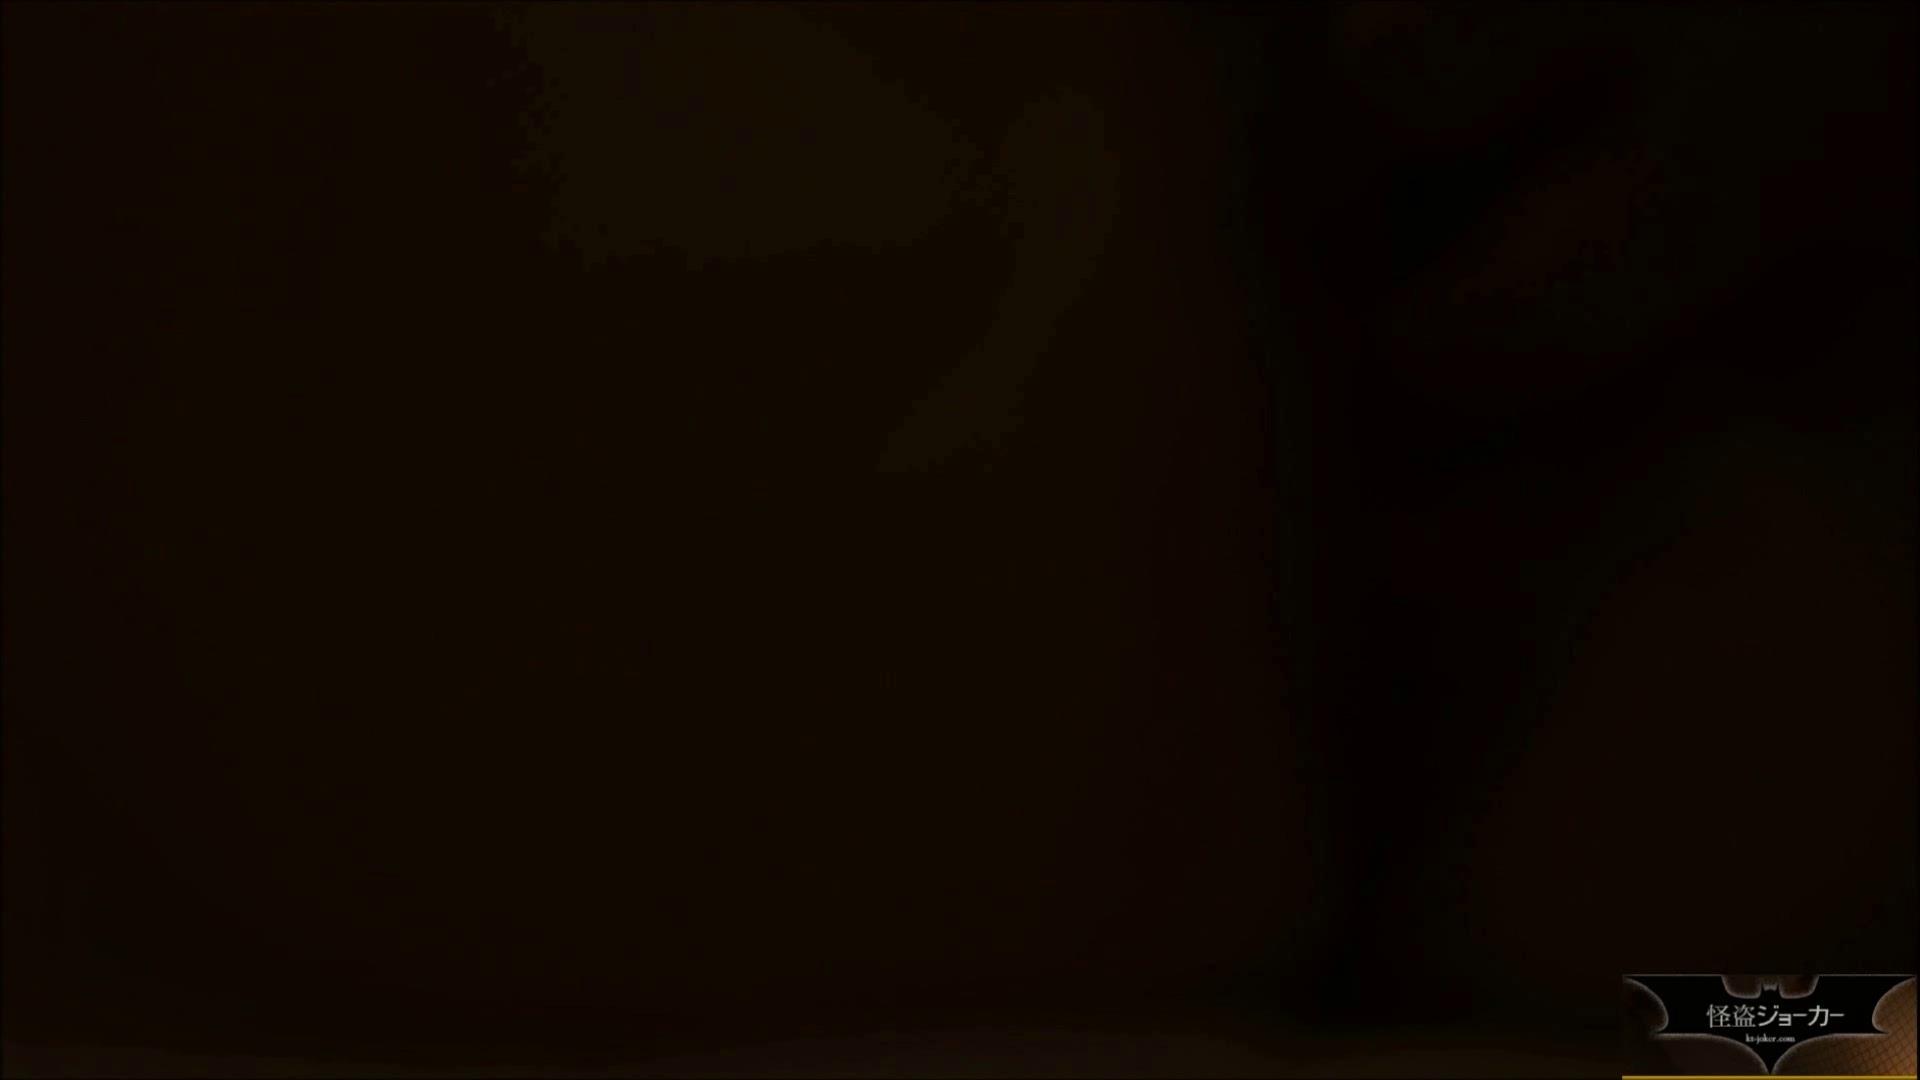 【未公開】vol.36 【援助】鏡越しの朋葉を見ながら・・・ いじくり  88枚 70